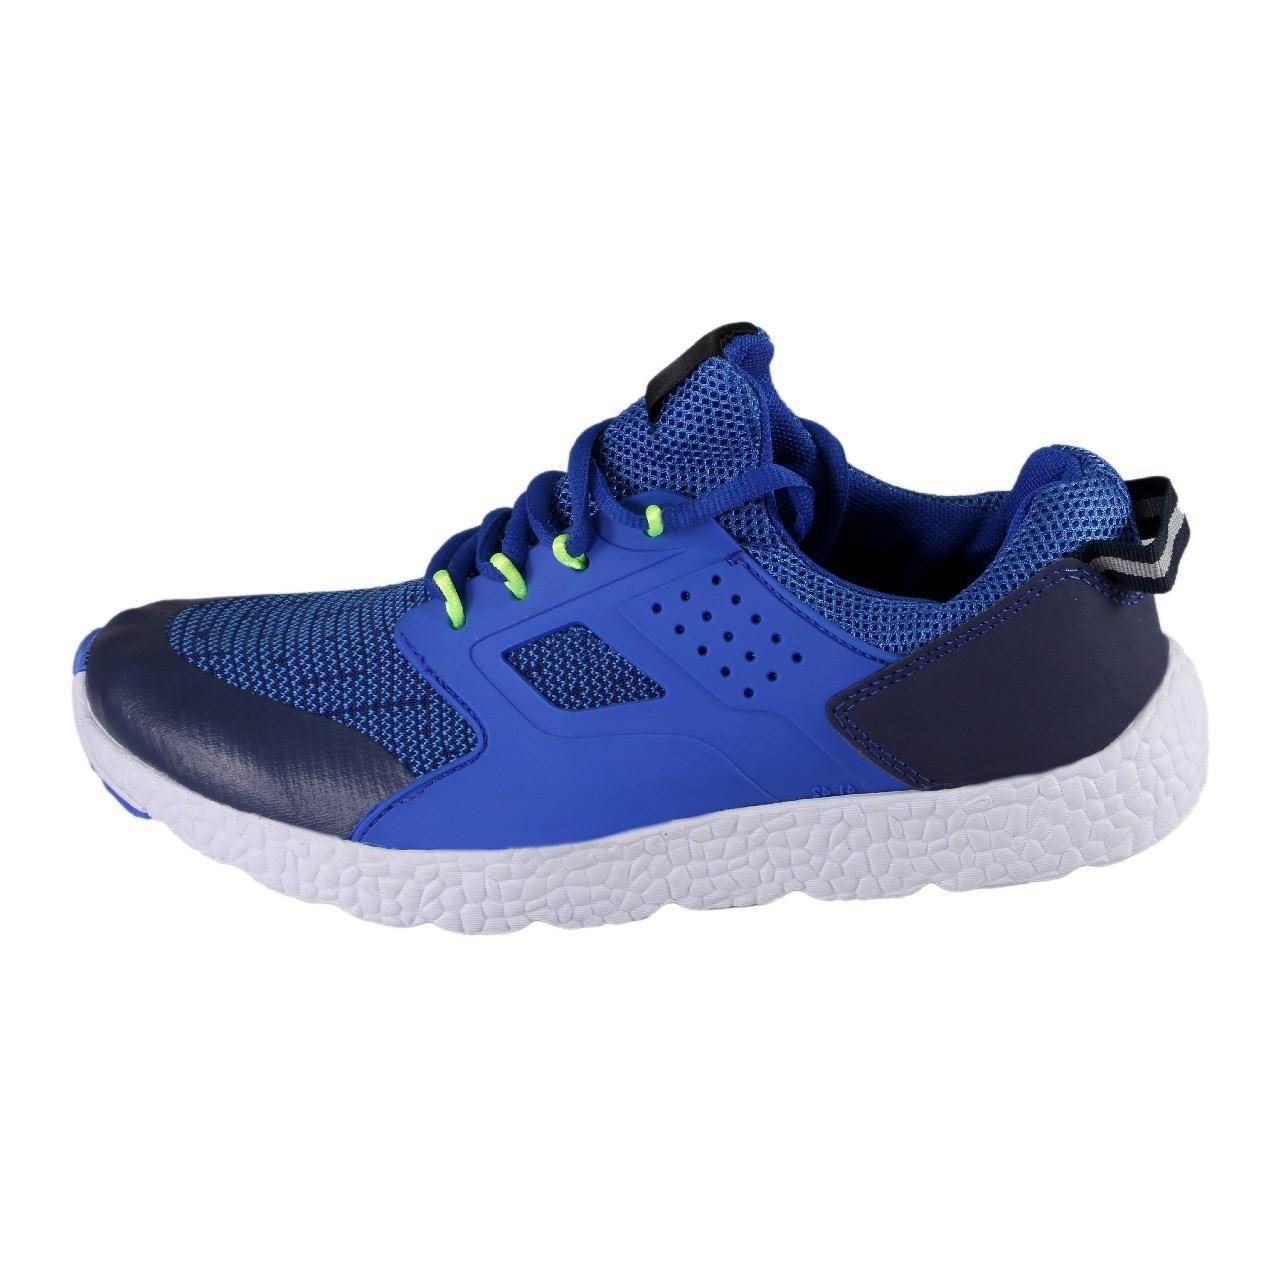 قیمت کفش پیاده روی و دویدن مردانه اف.ار.دی مدل Flora 749